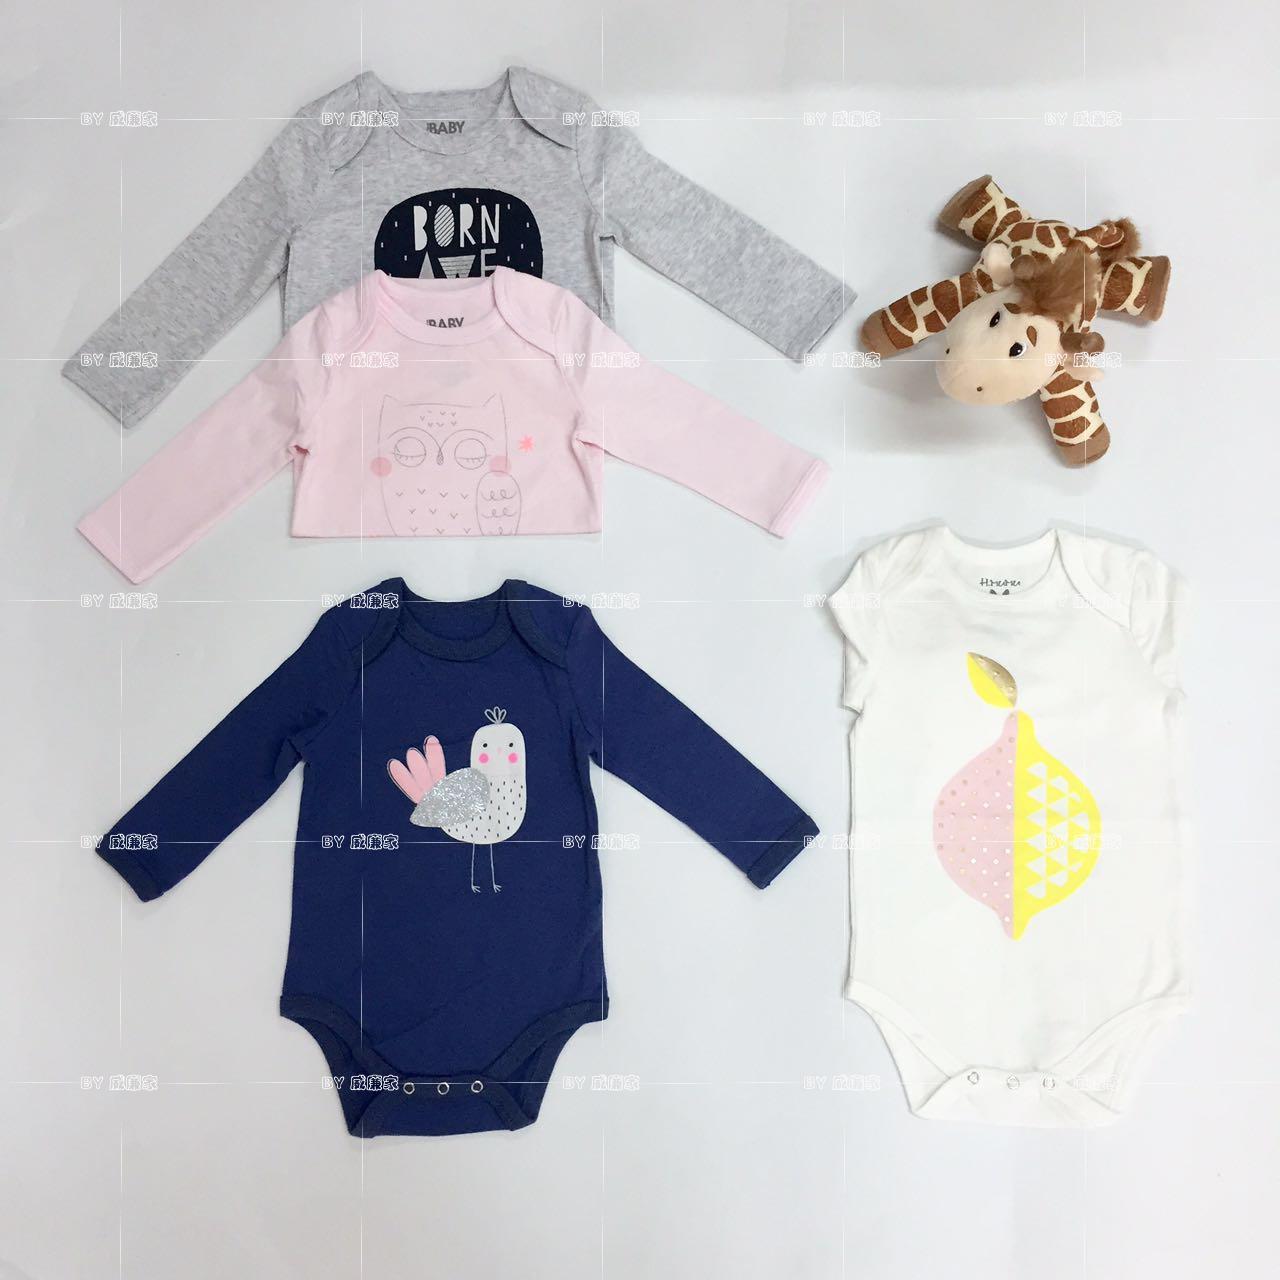 Уильям хлопчатобумажное белье, чтобы сделать пользовательские младенческой baby пукает HA одежда Одежда с длинным рукавом треугольник пакет 15